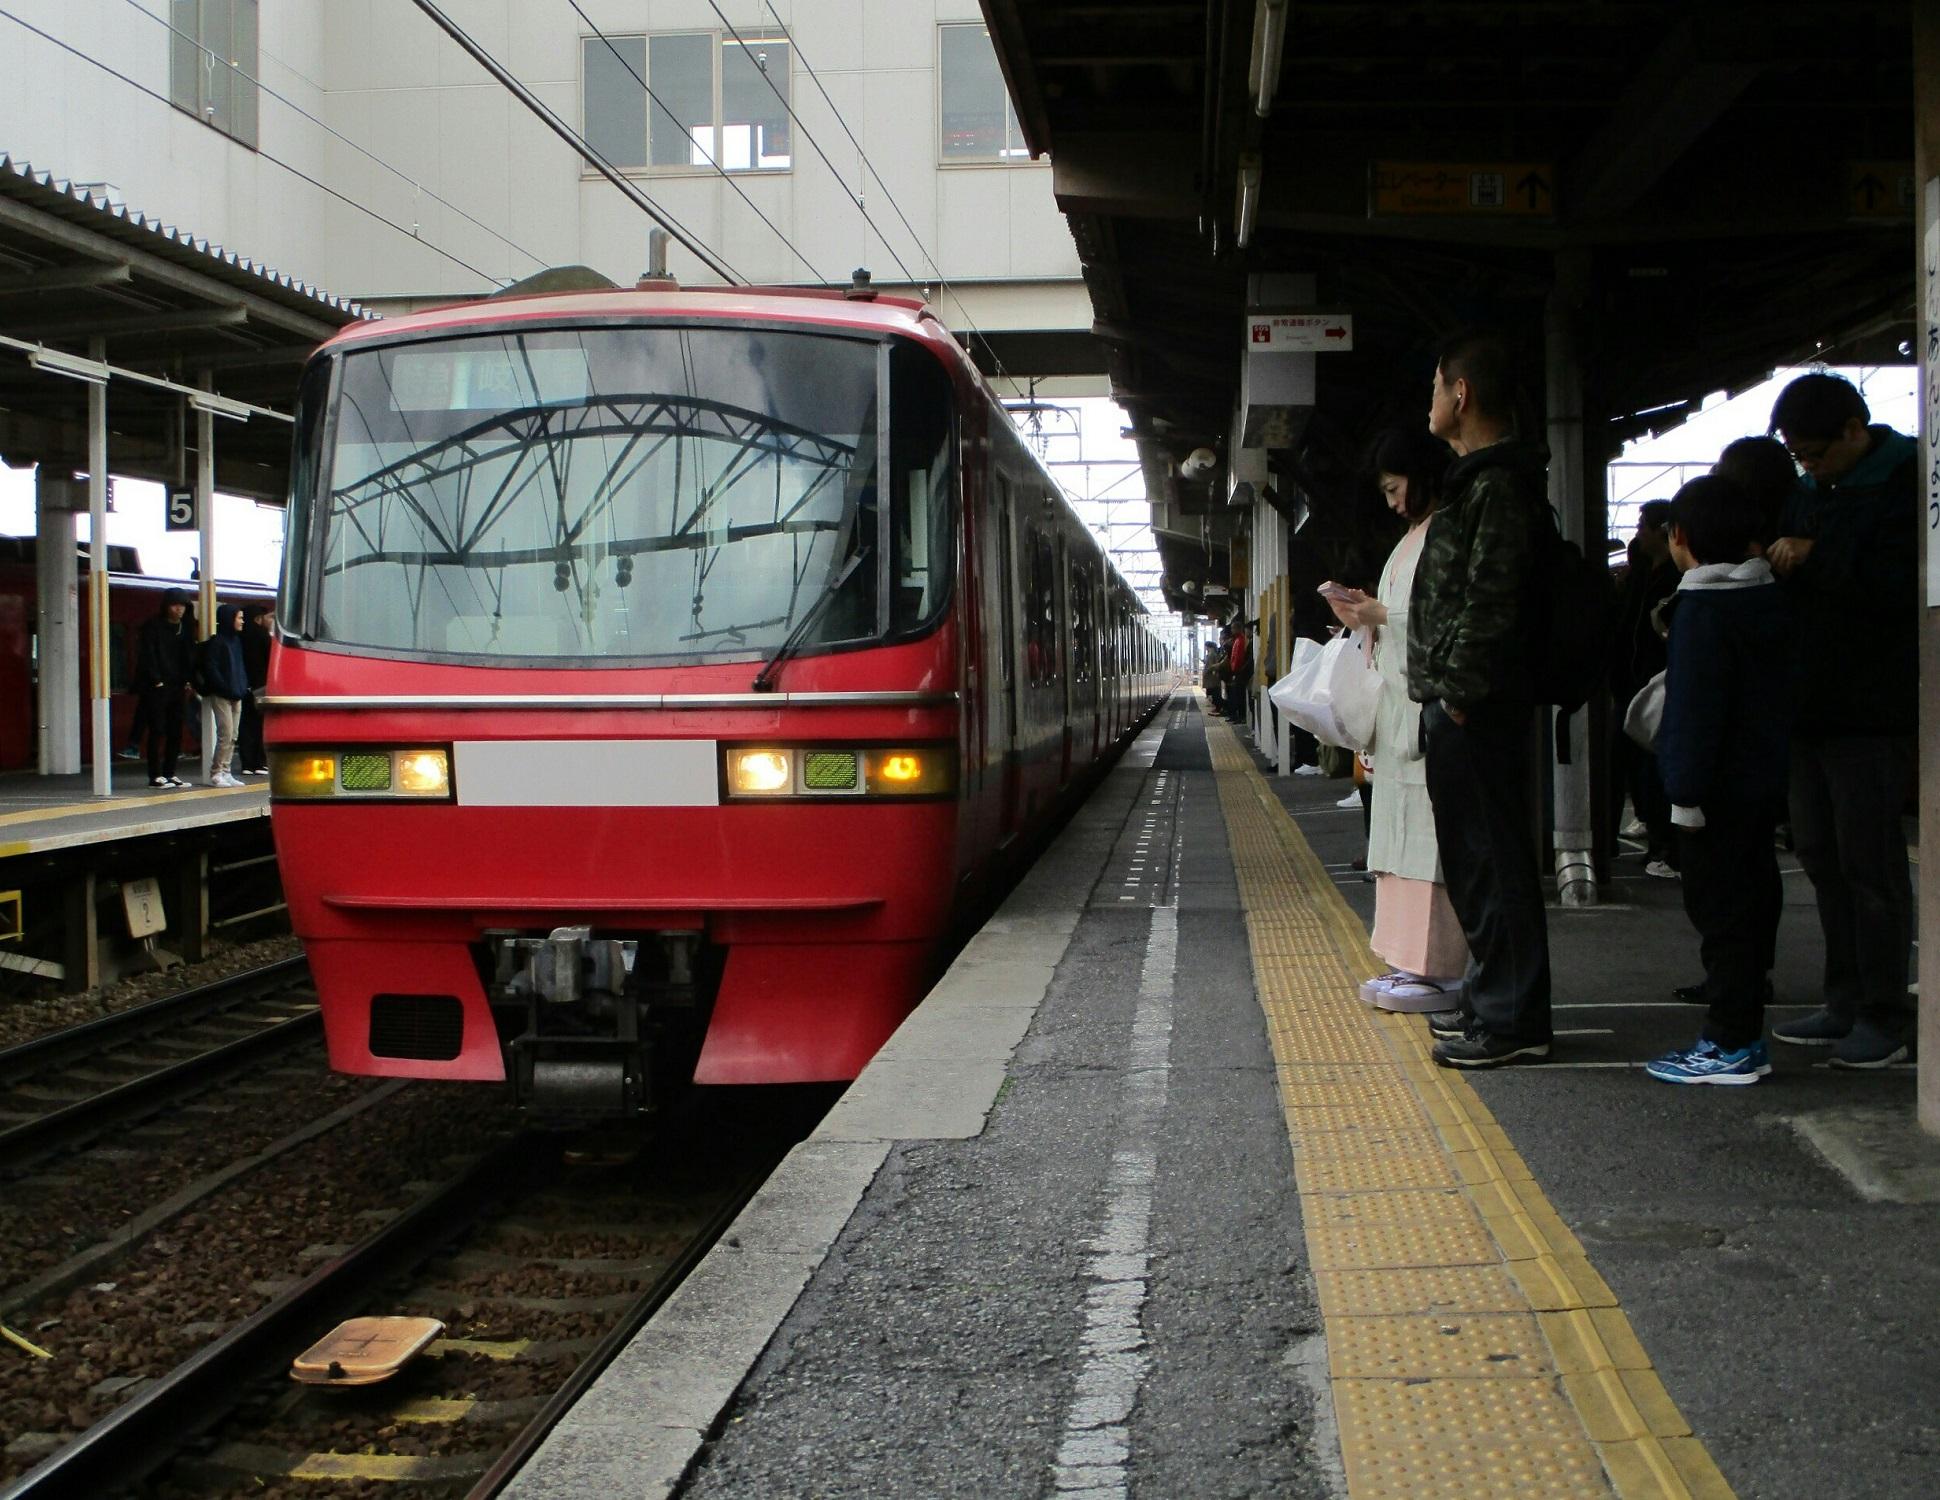 2019.3.31 (7) しんあんじょう - 岐阜いき特急 1940-1500